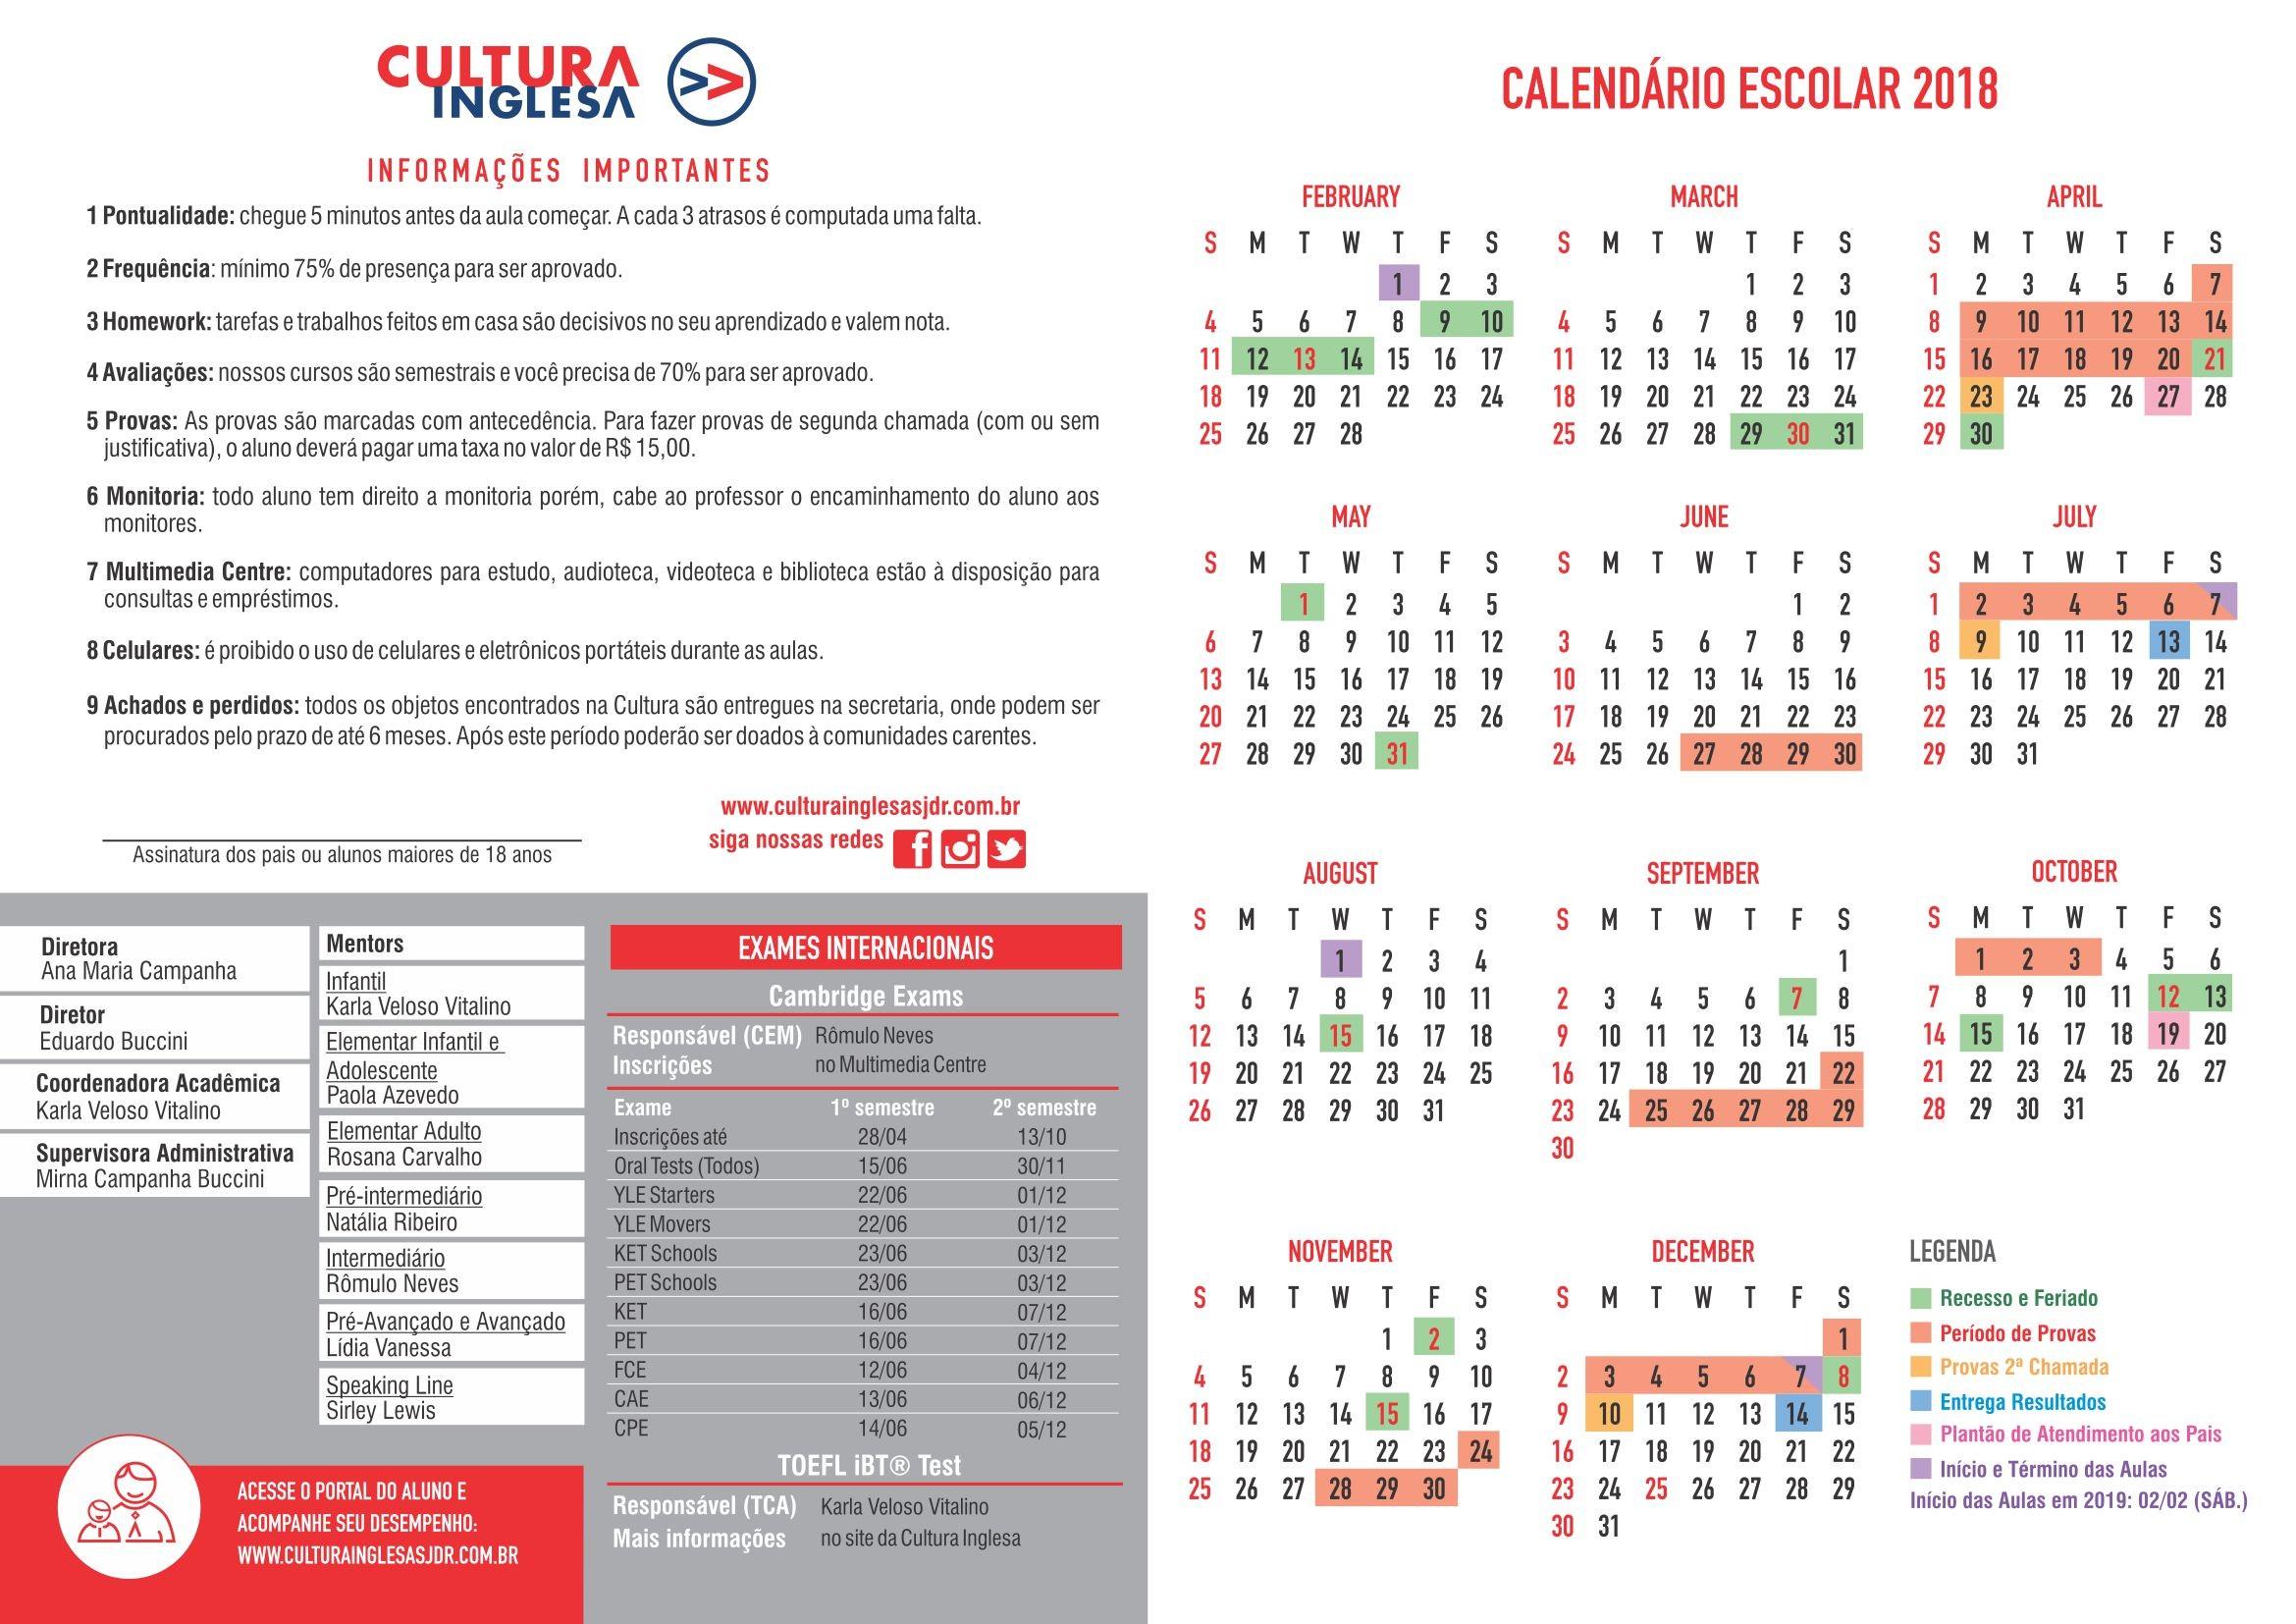 Calendario 2019 Feriados Sjc Más Recientes Calendário Of Calendario 2019 Feriados Sjc Más Populares College Of San Mateo